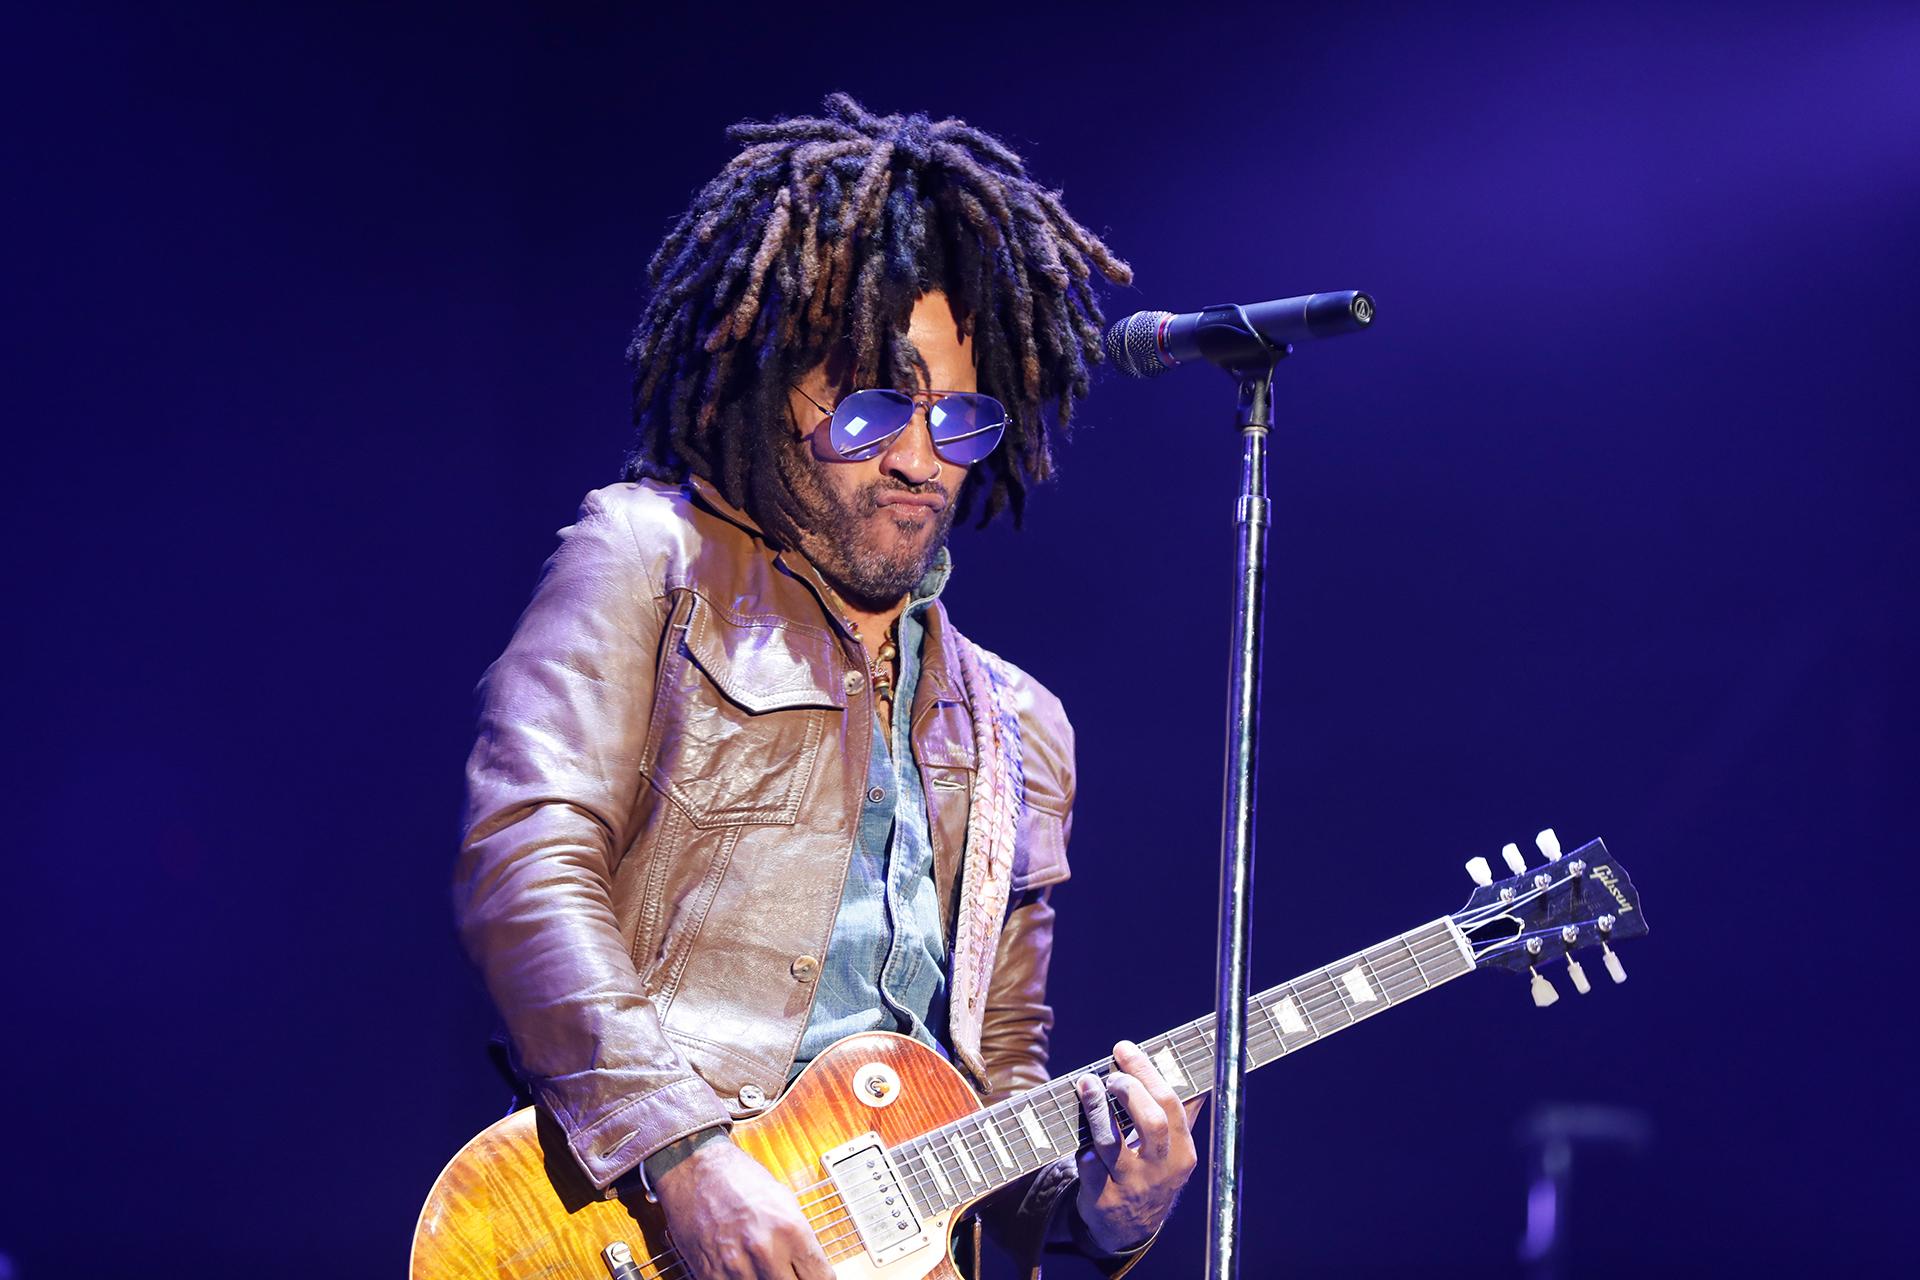 El músico norteamericano en el Lollapalooza (Chule Valerga)